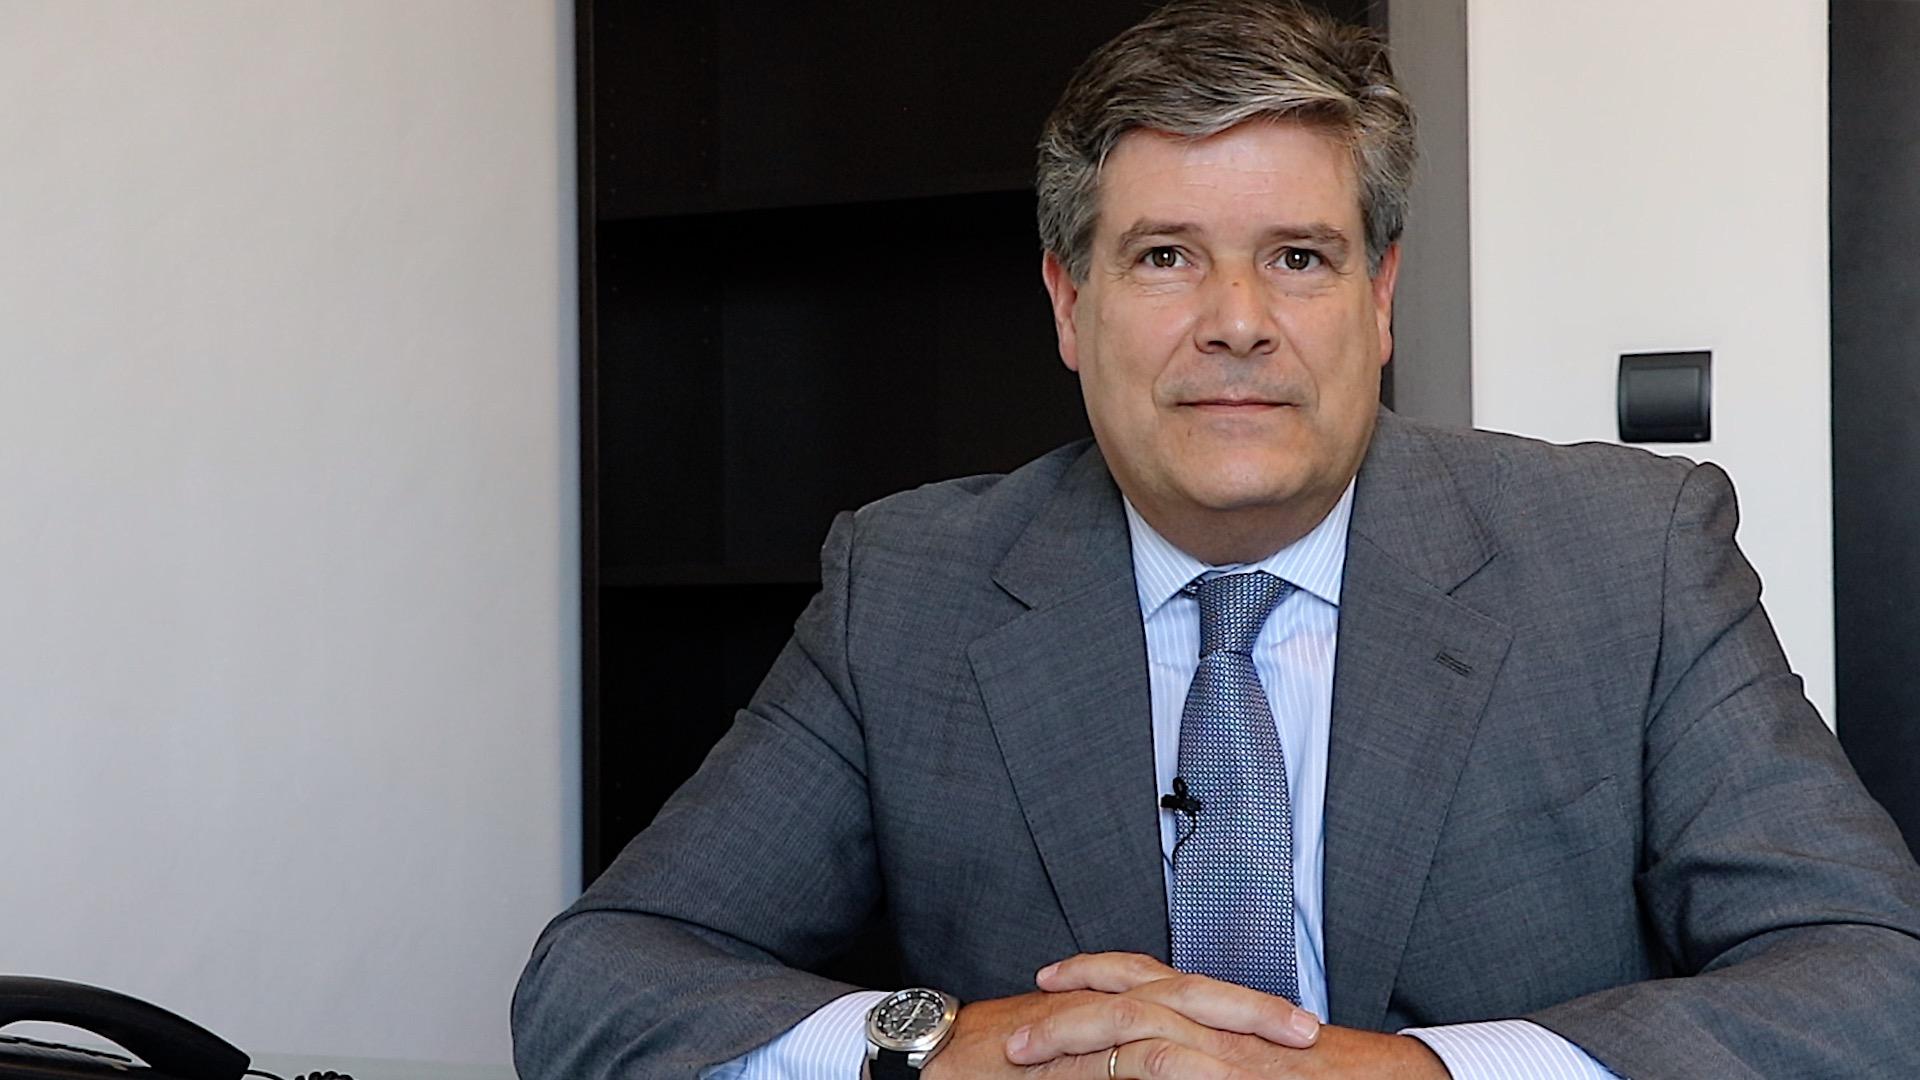 Bartolomé Borrego,Los requerimientos de Hacienda sobre ingresos no declarados